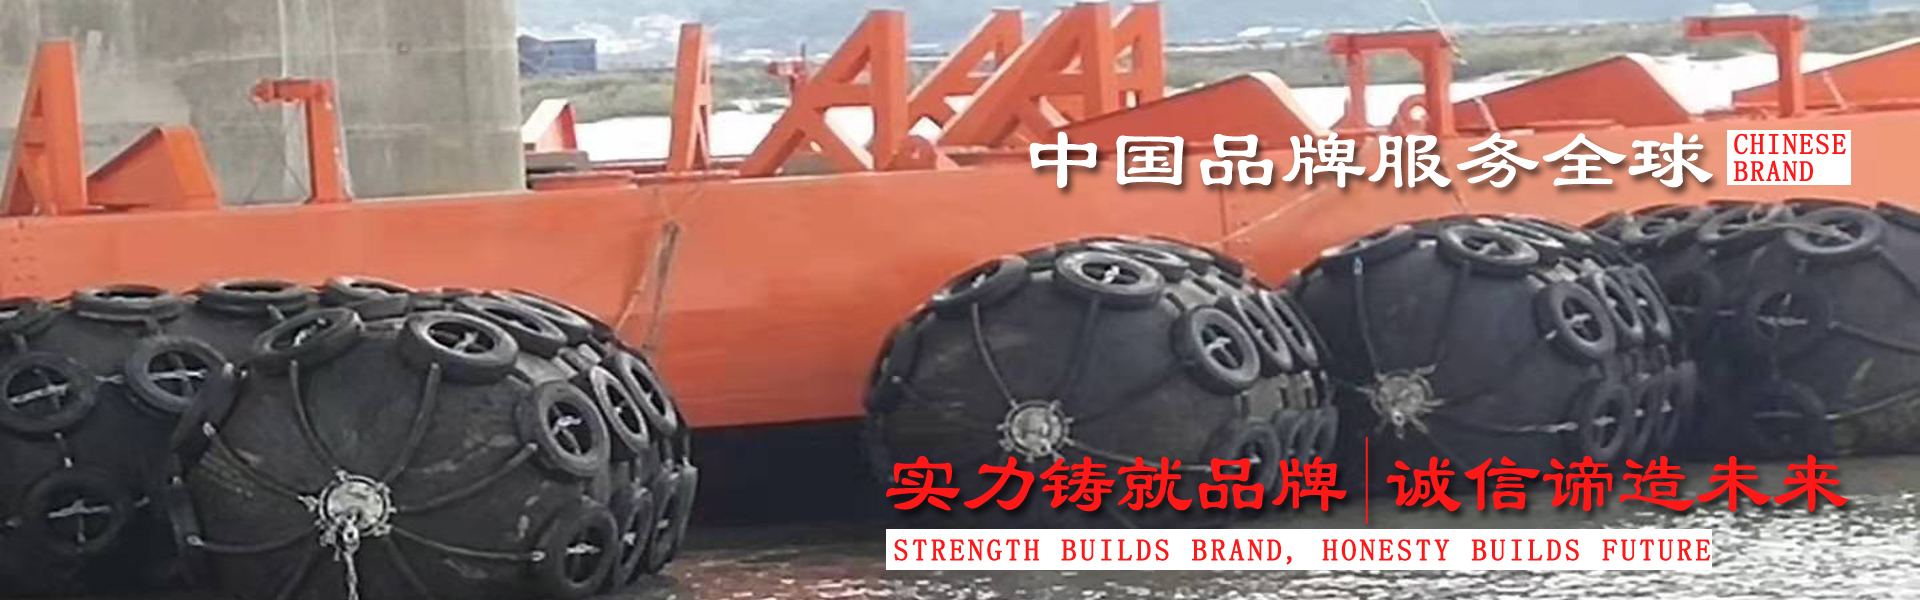 橡胶管堵 充气护舷 管道堵漏气囊 船用靠球 船用气囊